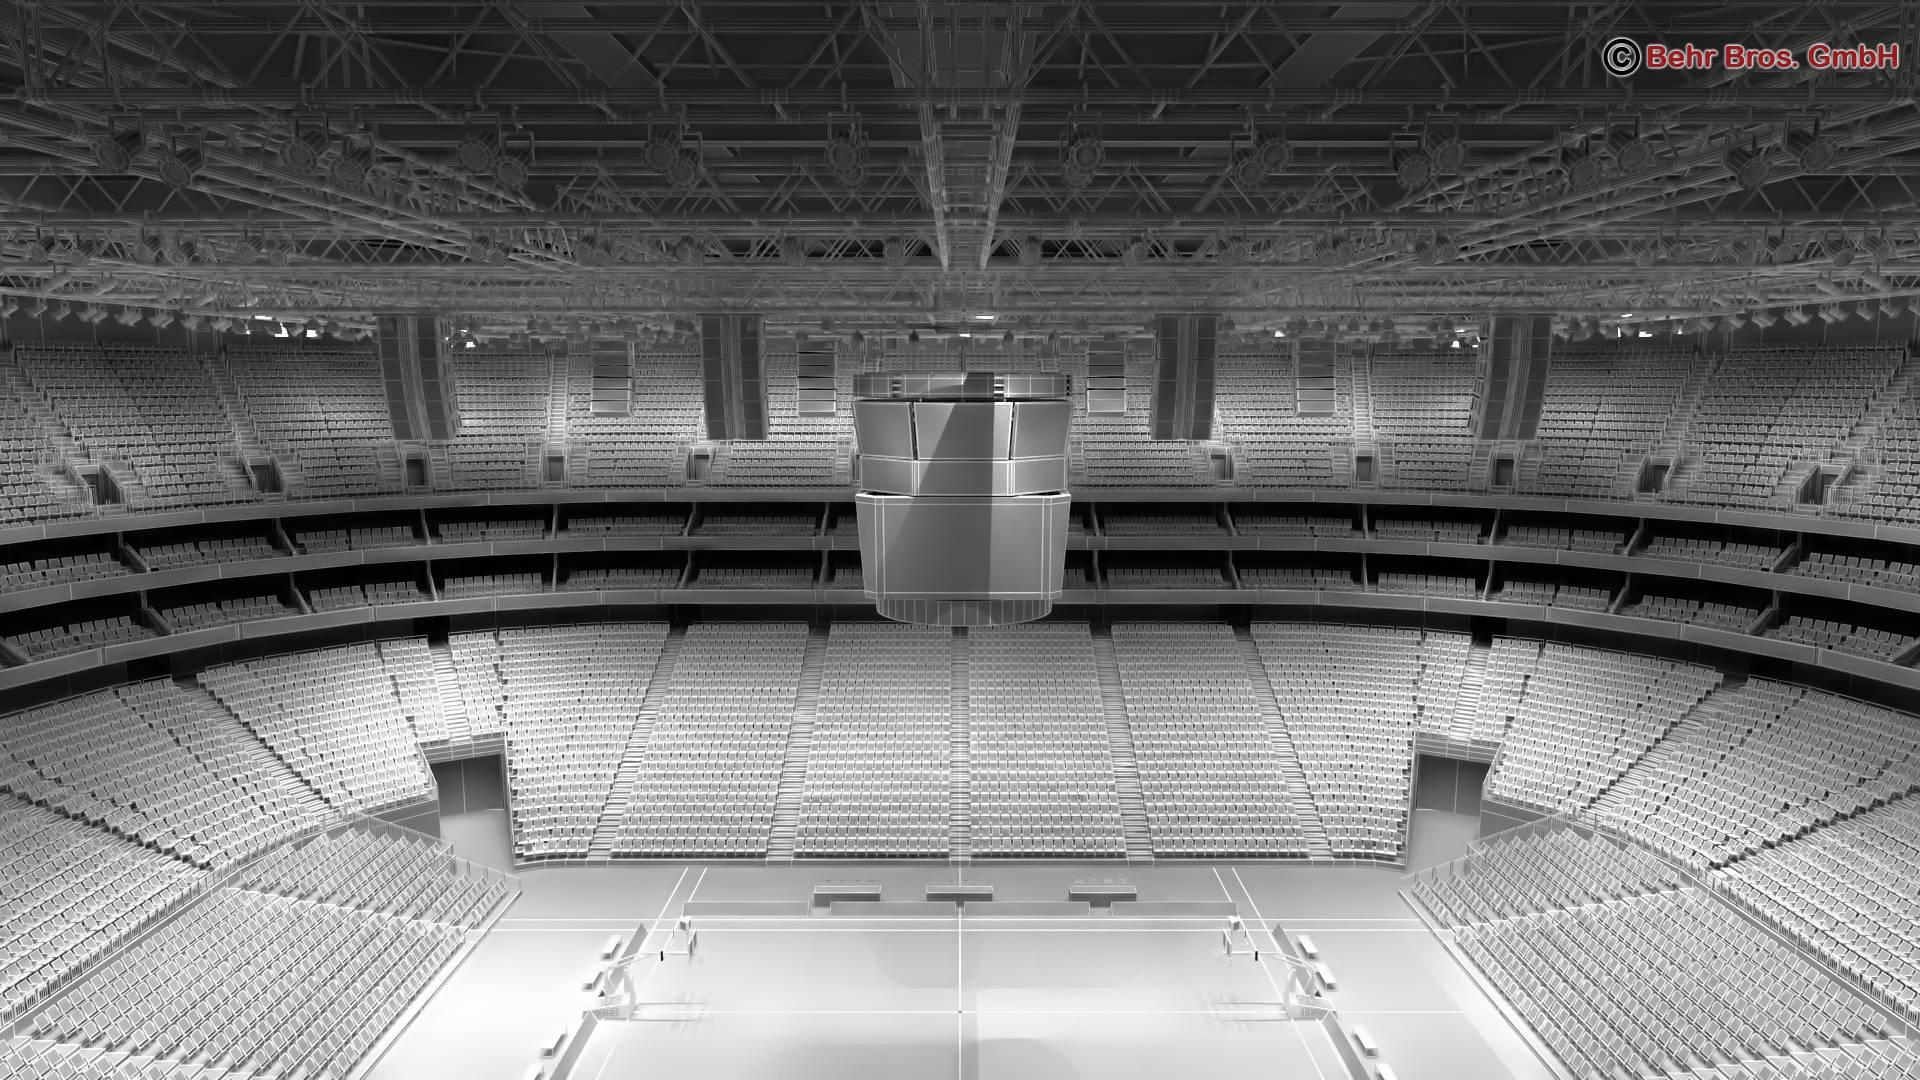 košarkaška arena v2 3d model 3ds max fbx c4d lwo ma mb obj 222378